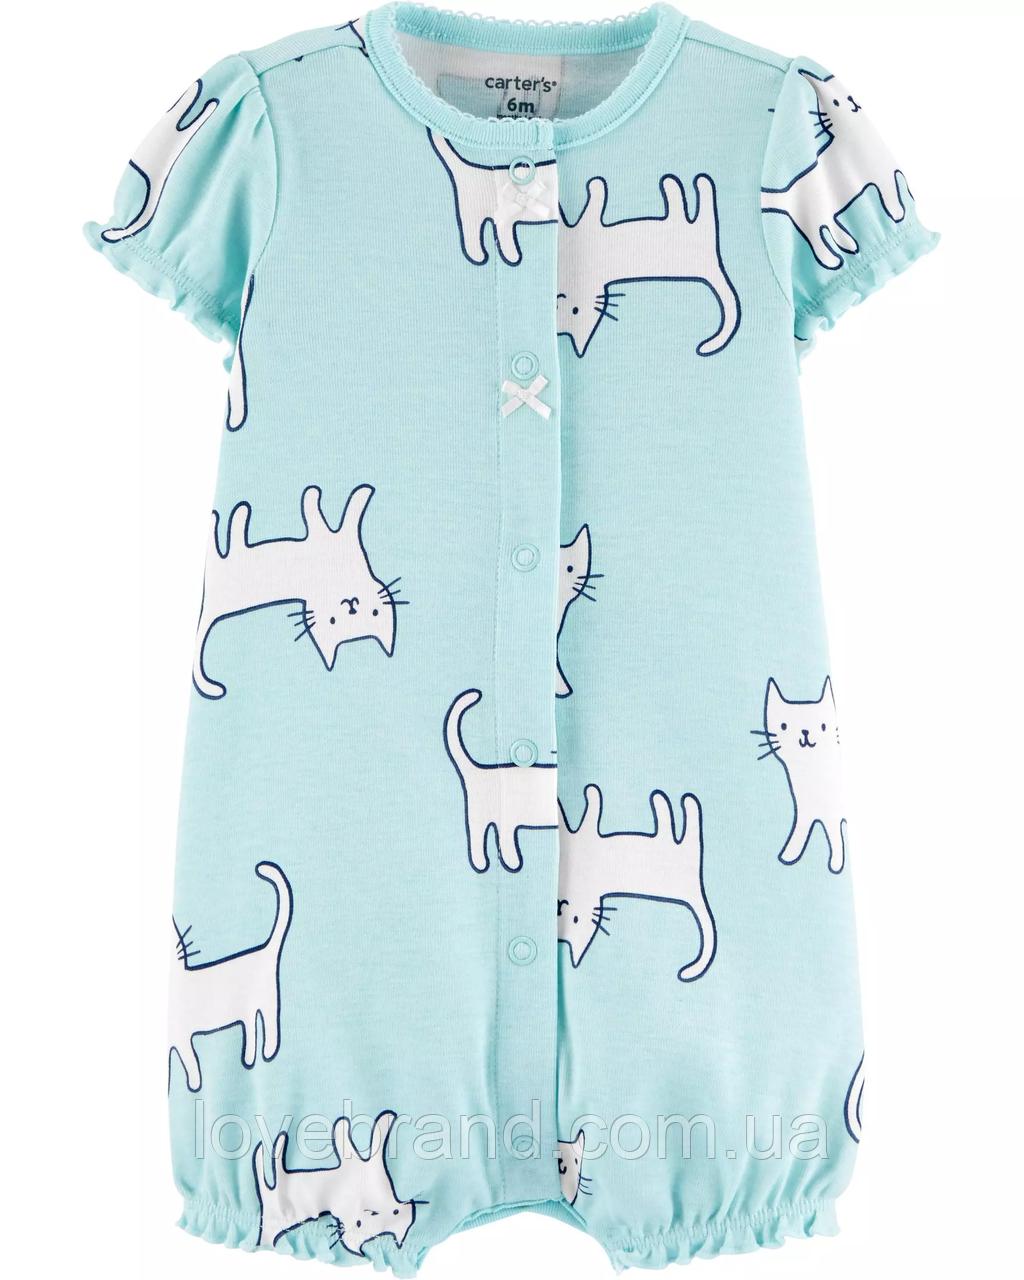 Хлопковый песочник Carters для девочки Котёнок